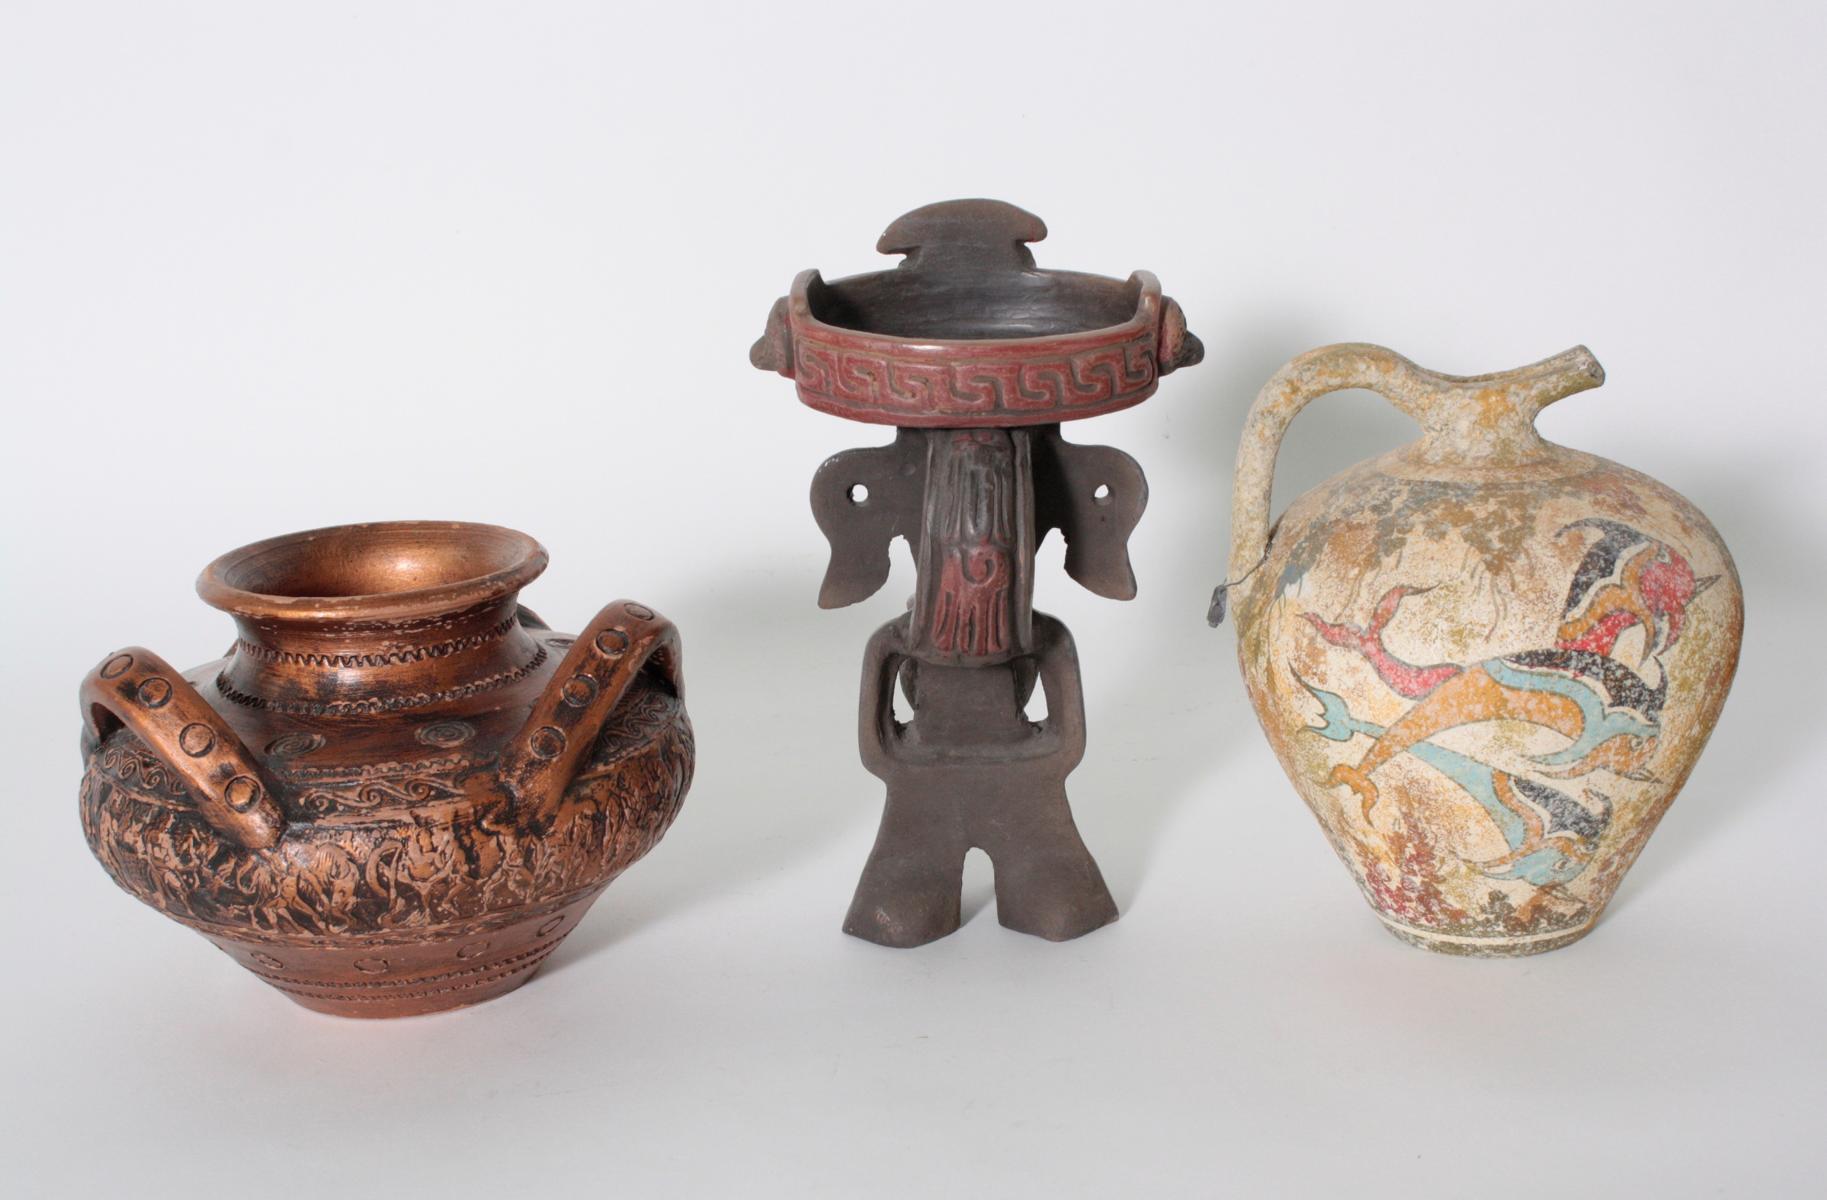 3-teiliges Konvolut Souvenirs, Replikate aus Mexiko und Griechenland-2